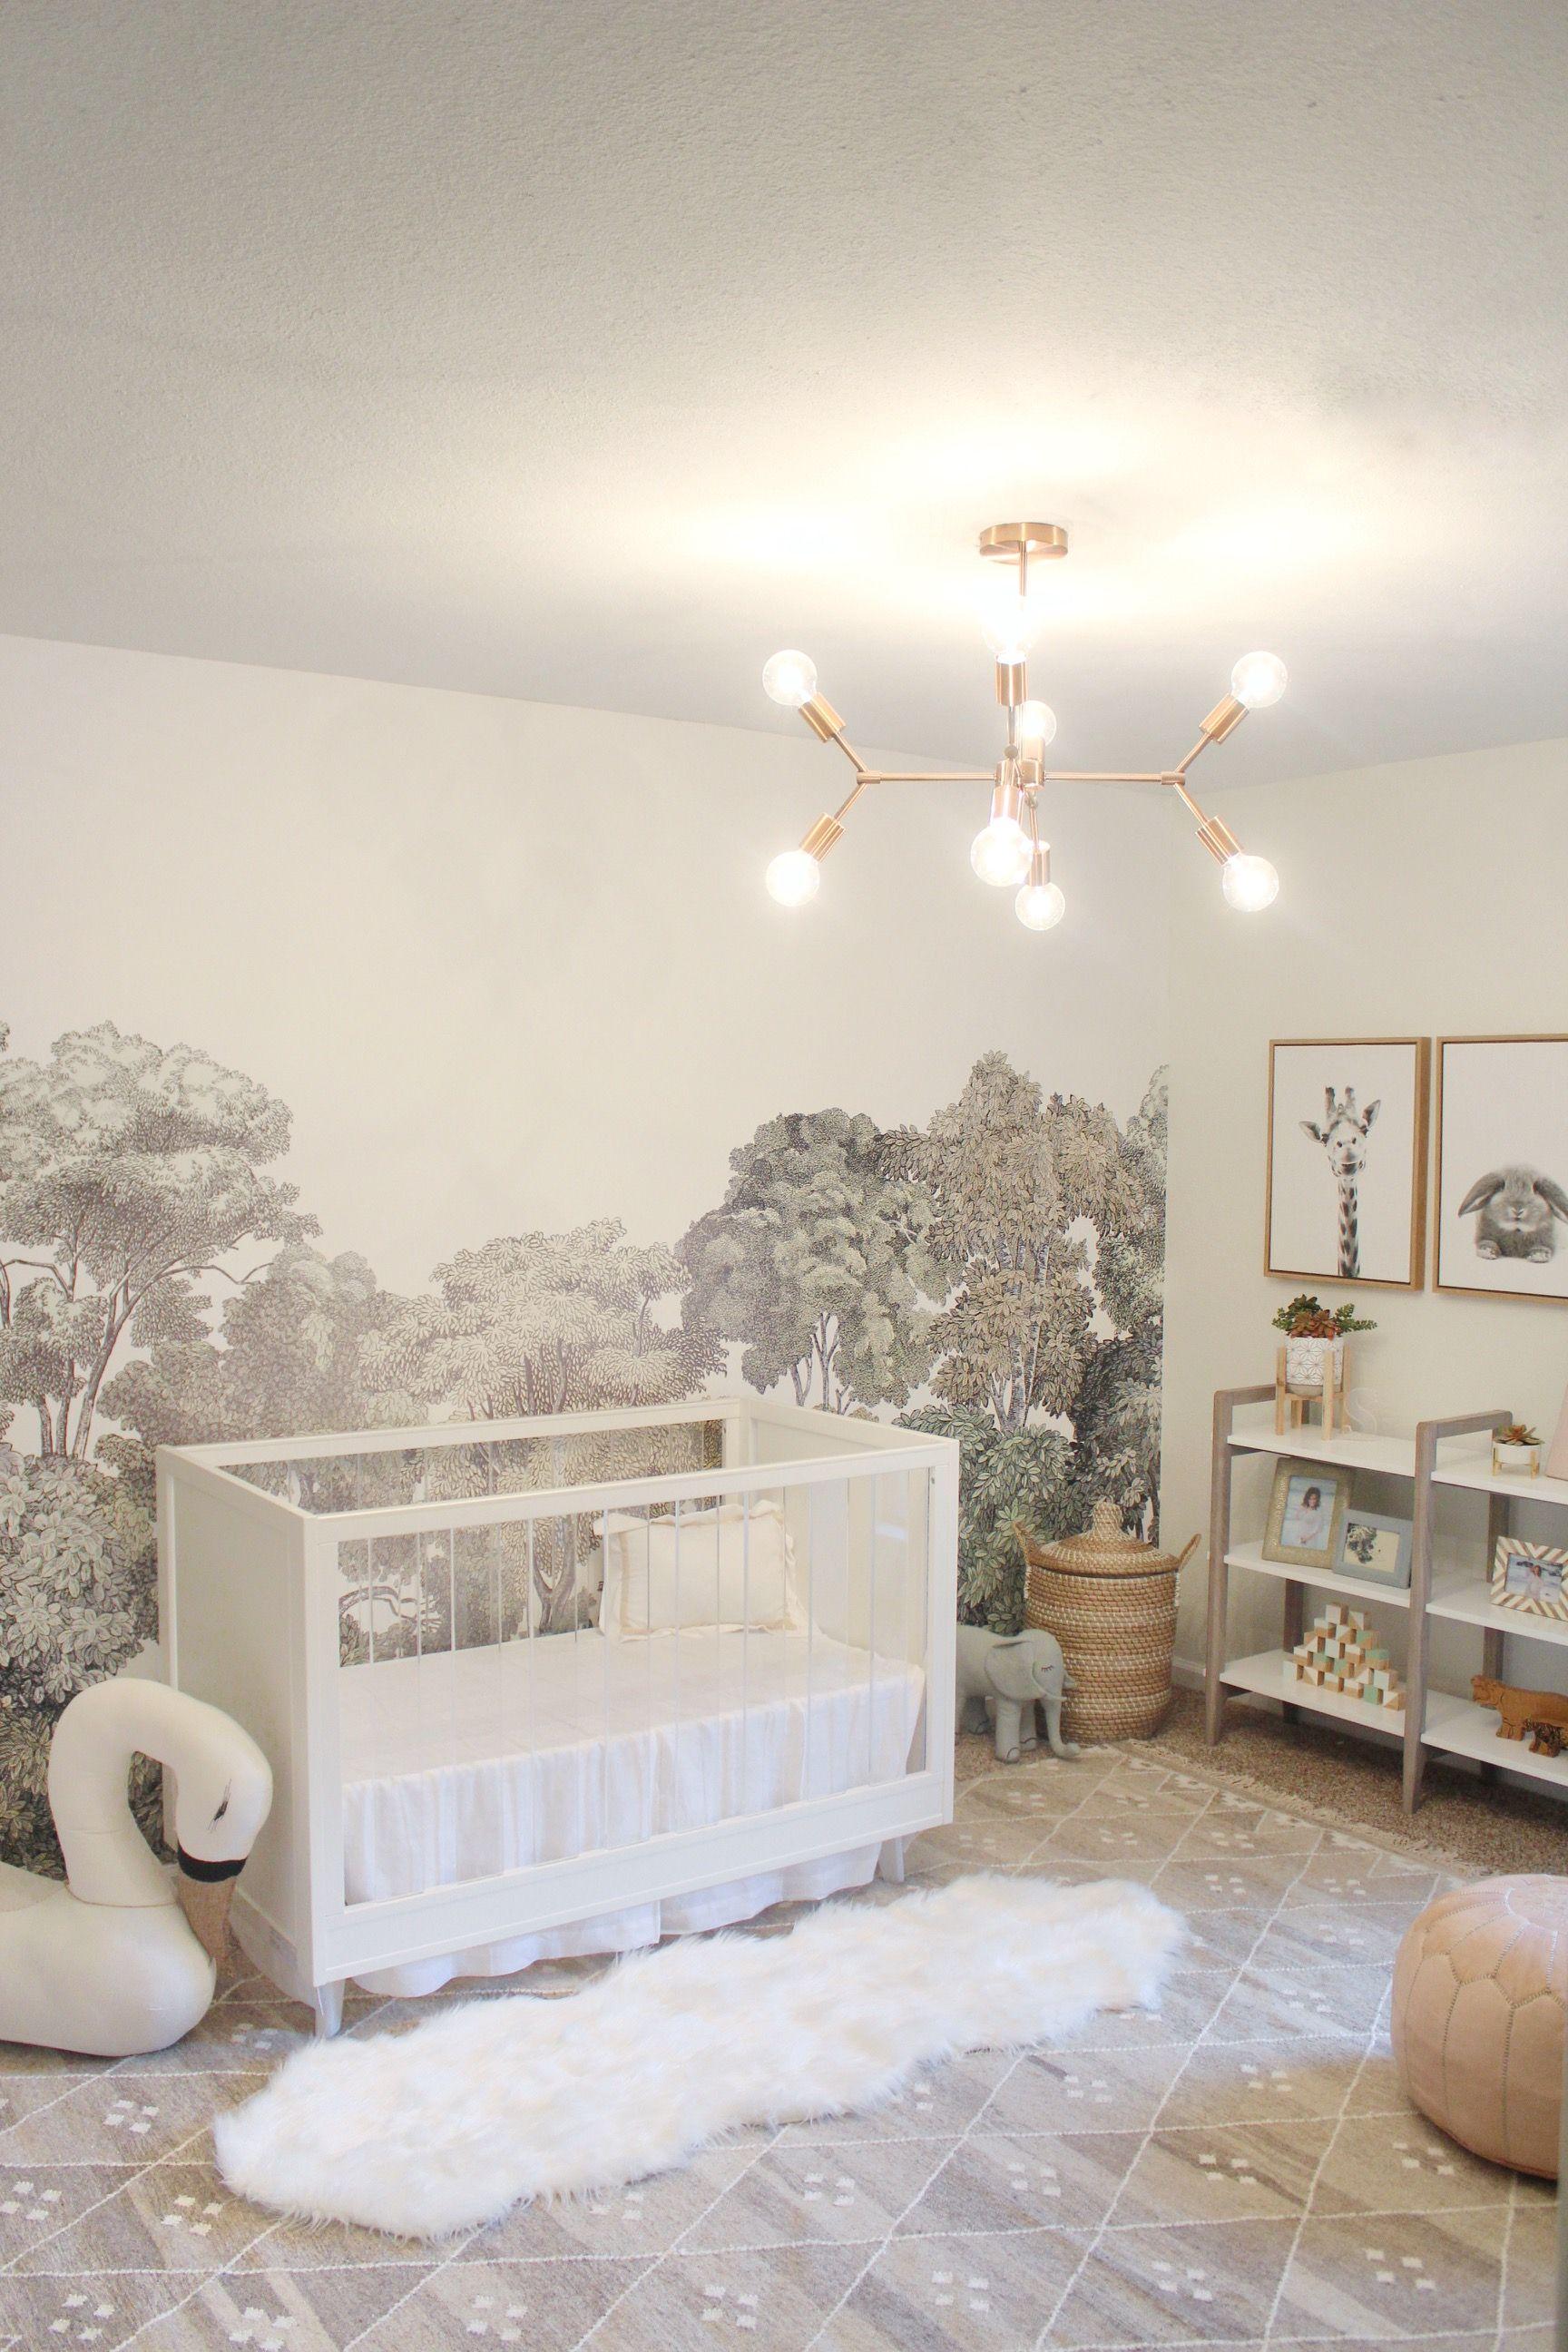 Bellewood  Baby room wall, Nursery wall murals, Kid room decor